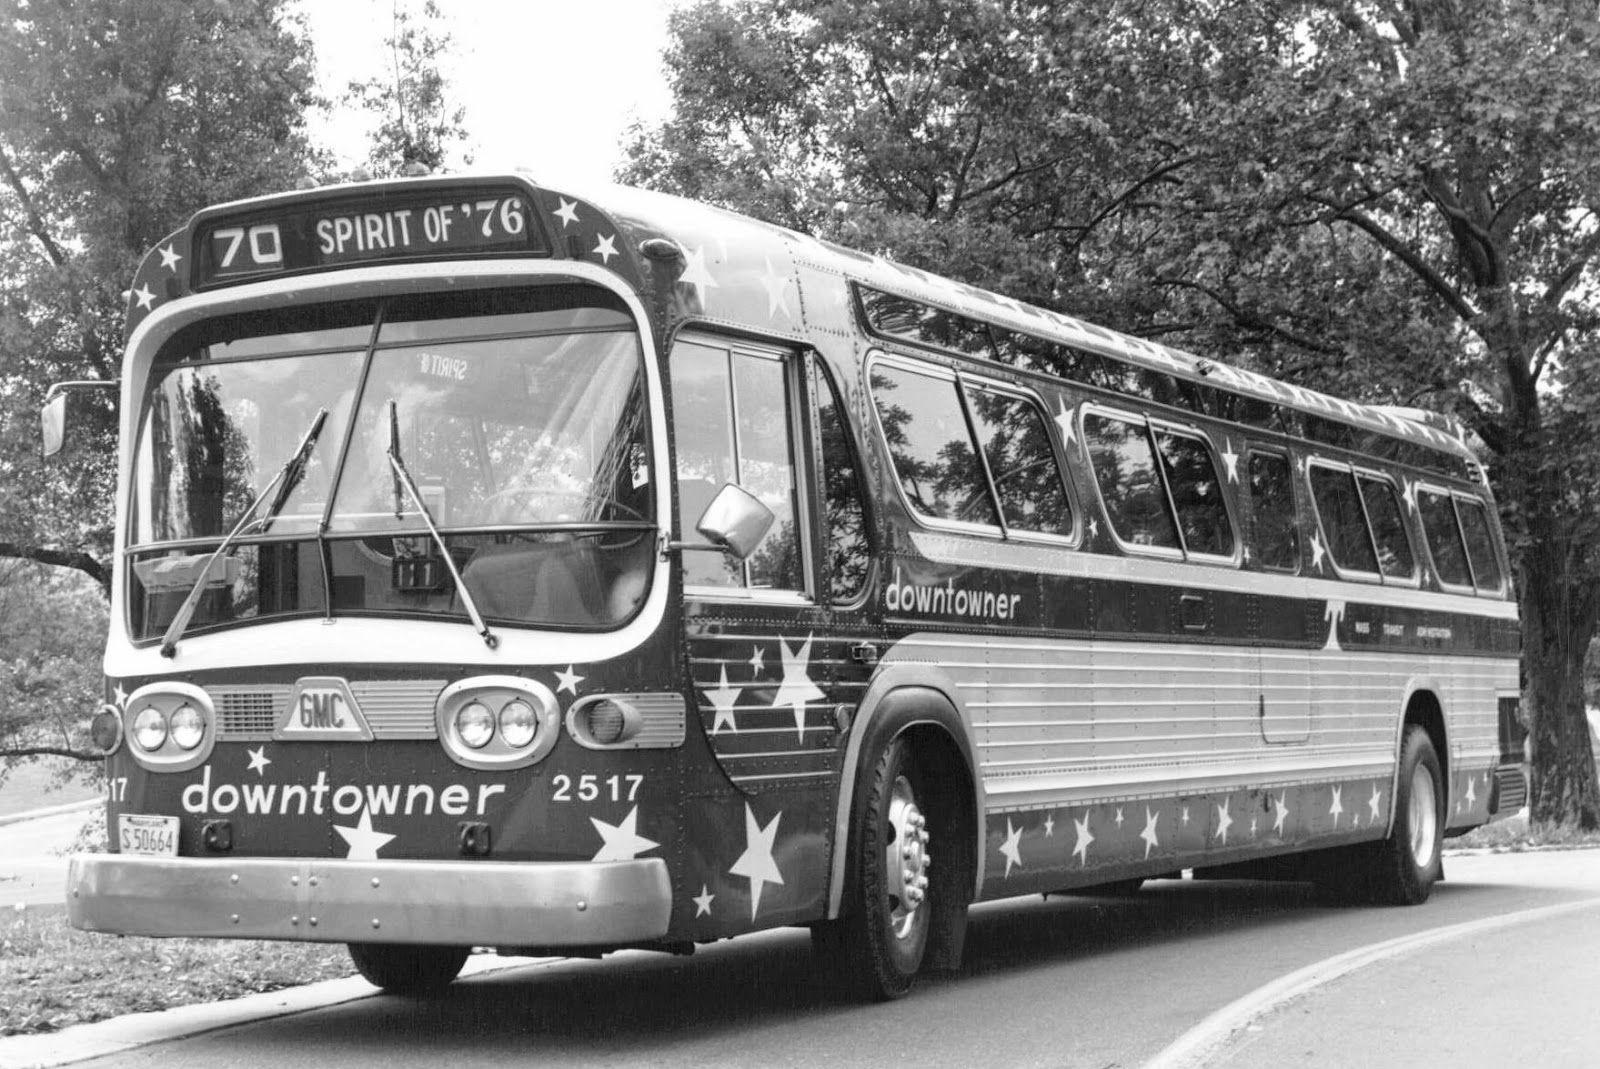 Baltimore GM Fishbowl Spirit of 76 Downtowner bus Retro